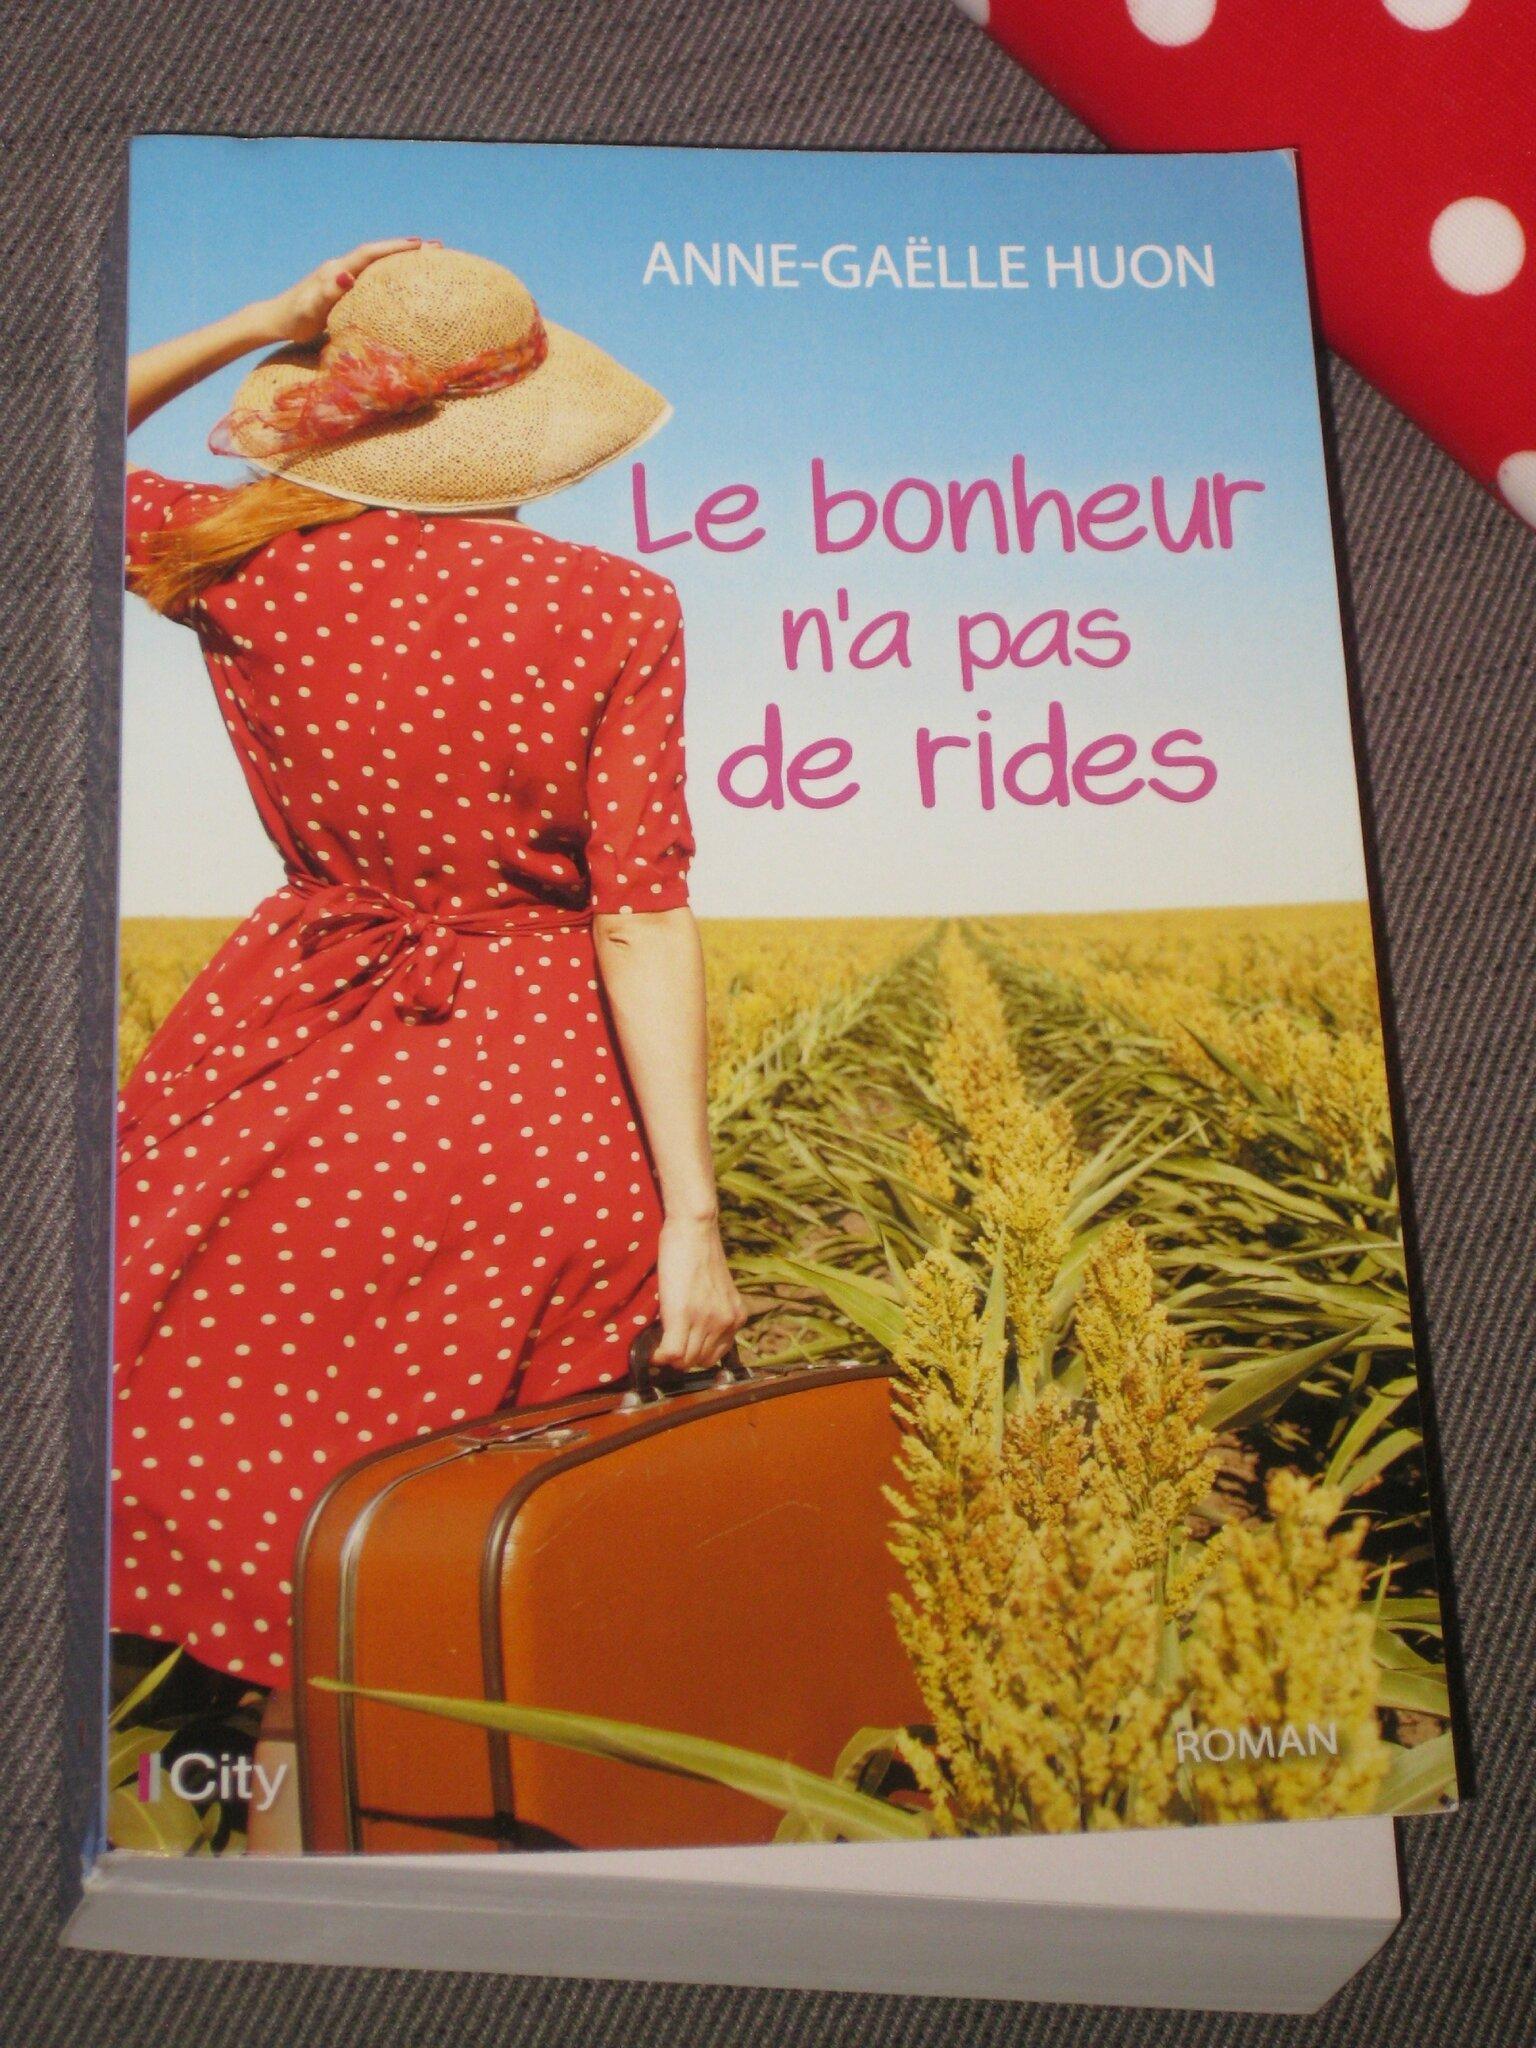 Le Bonheur N'a Pas De Rides : bonheur, rides, Bonheur, Rides, Anne-Gaëlle, Maison, Livres